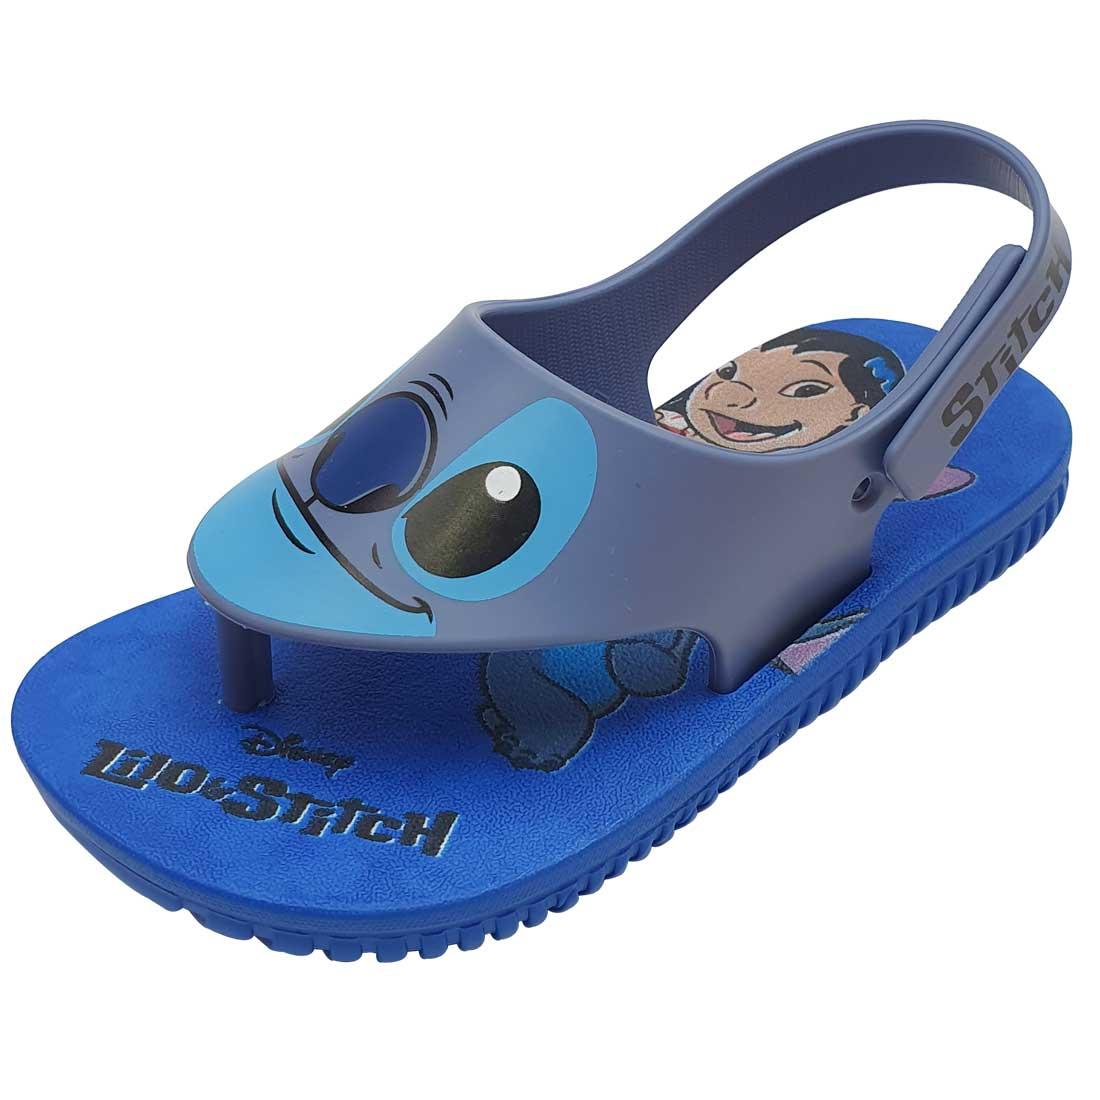 Sandália Baby Disney Stitch - Azul